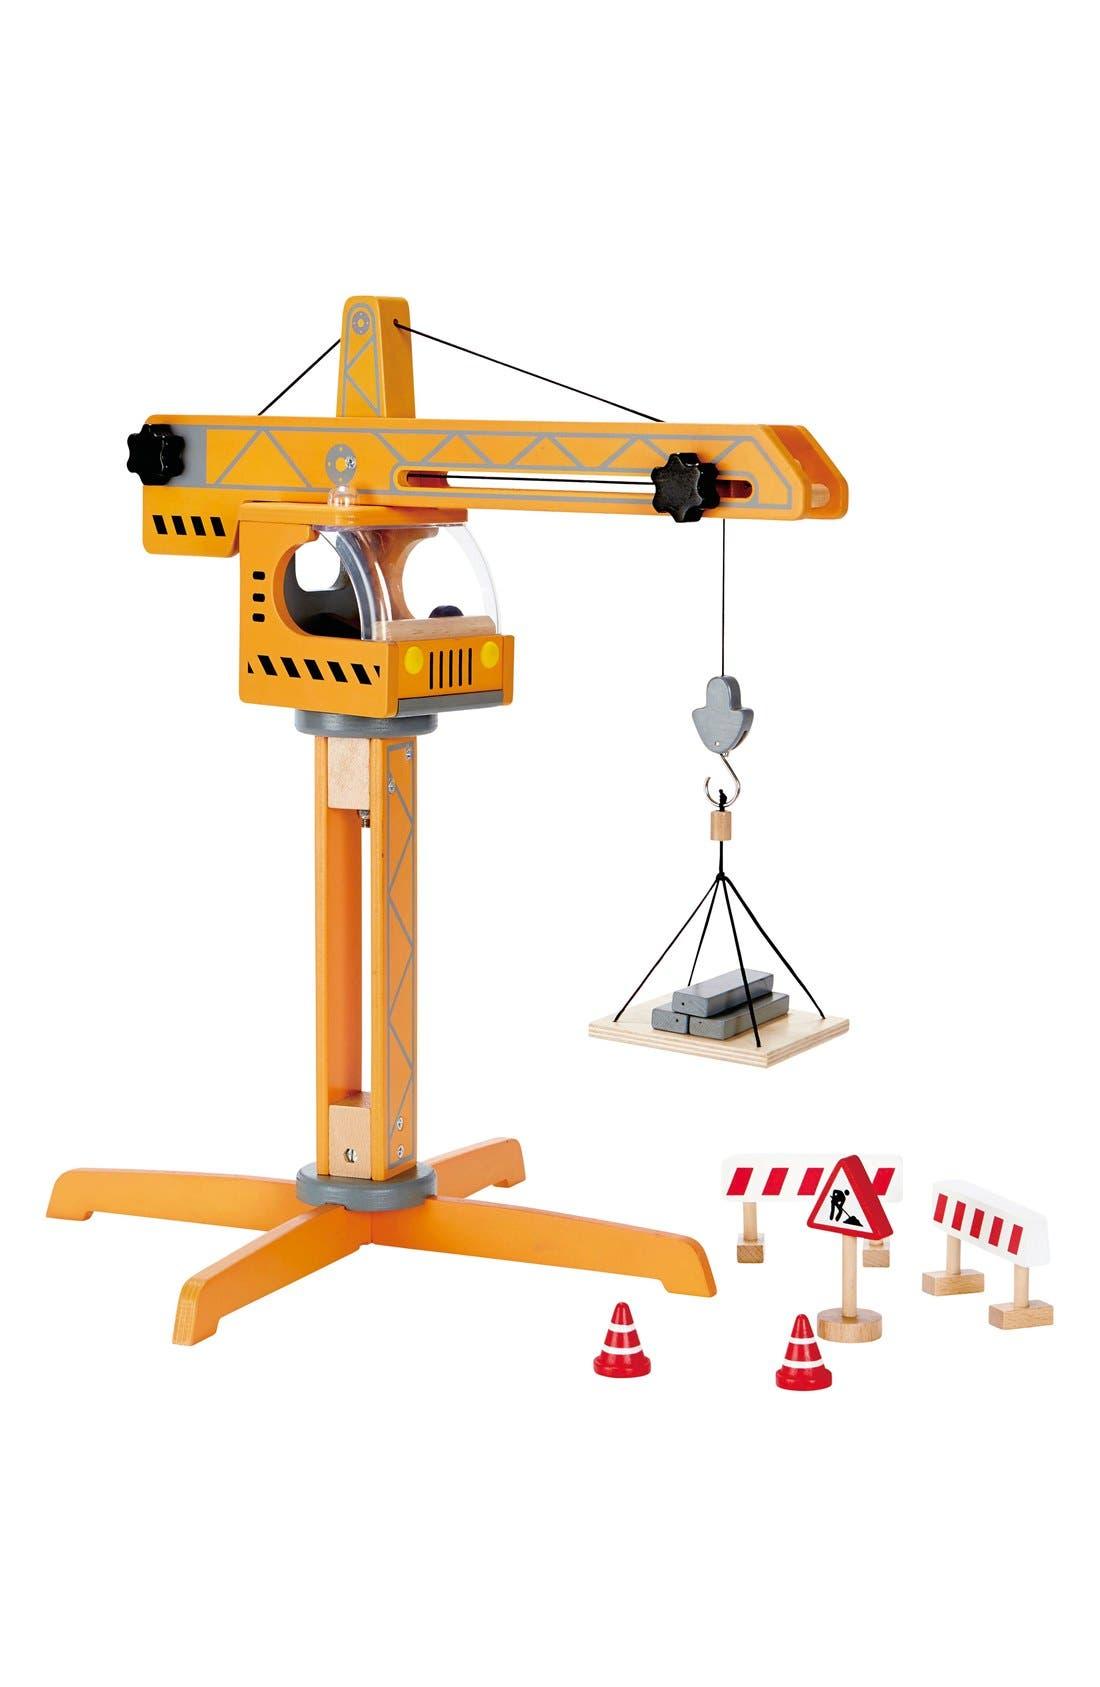 Hape Crane Lift Toy